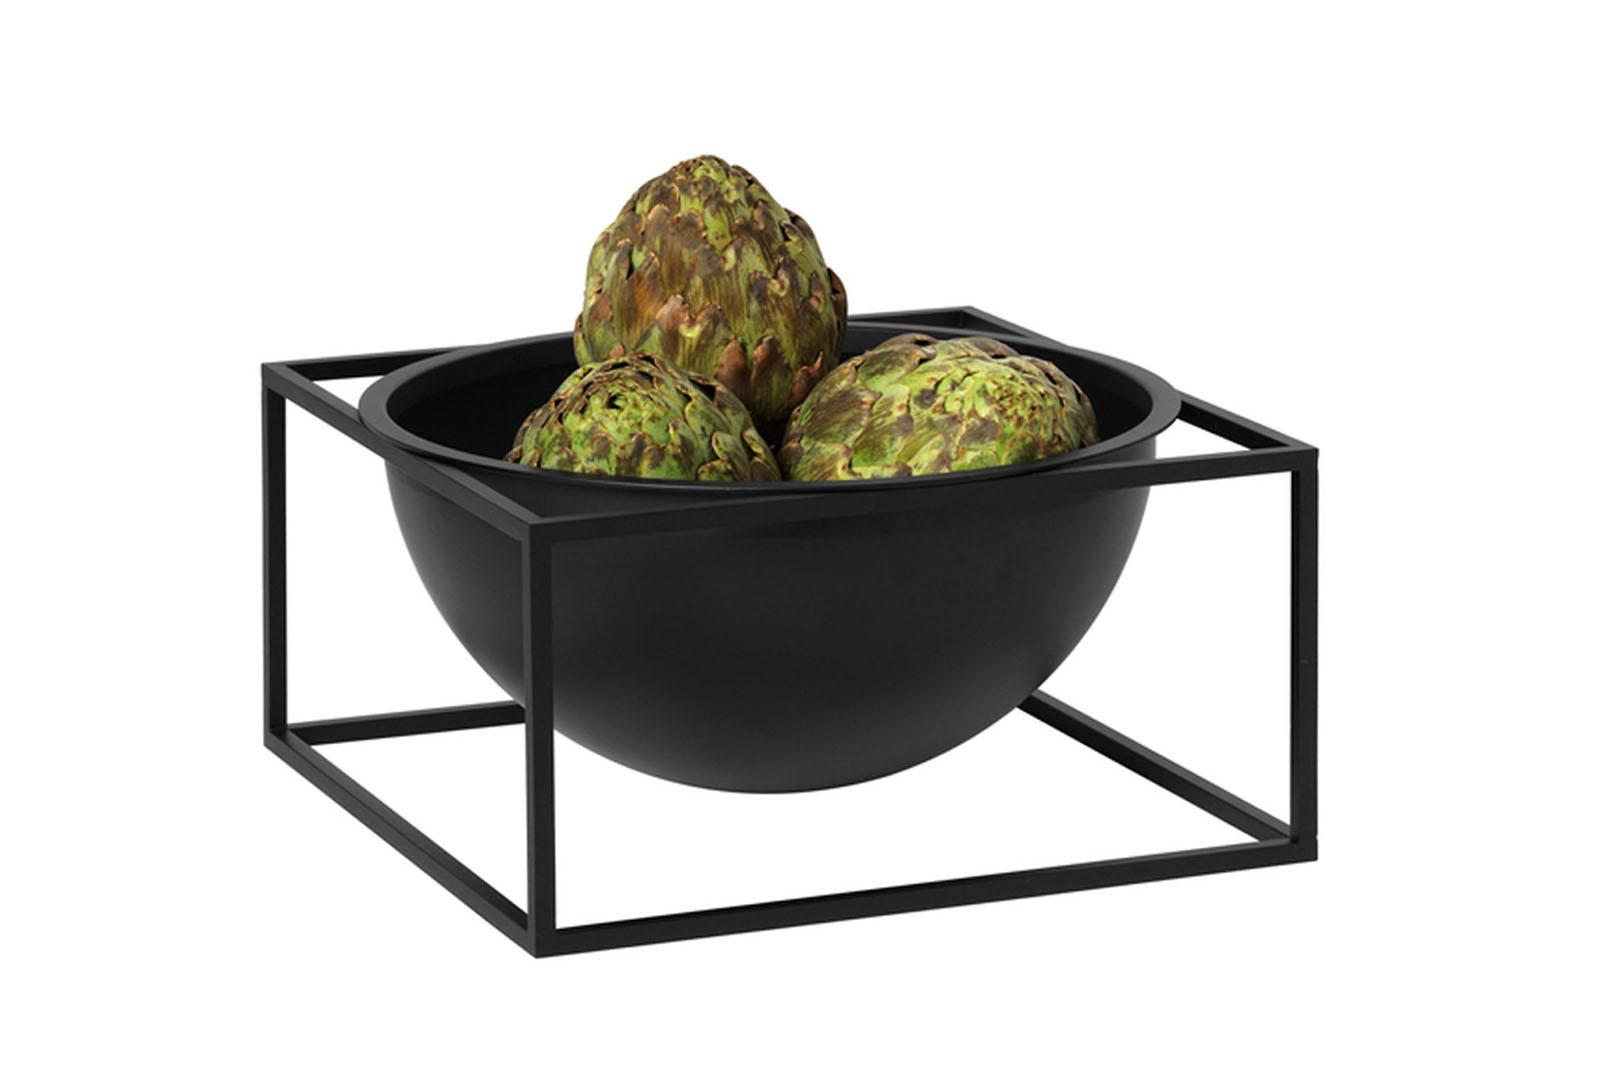 by Lassen(バイラッセン) Kubus Bowlボウル Centerpiece Large モノクロカラー